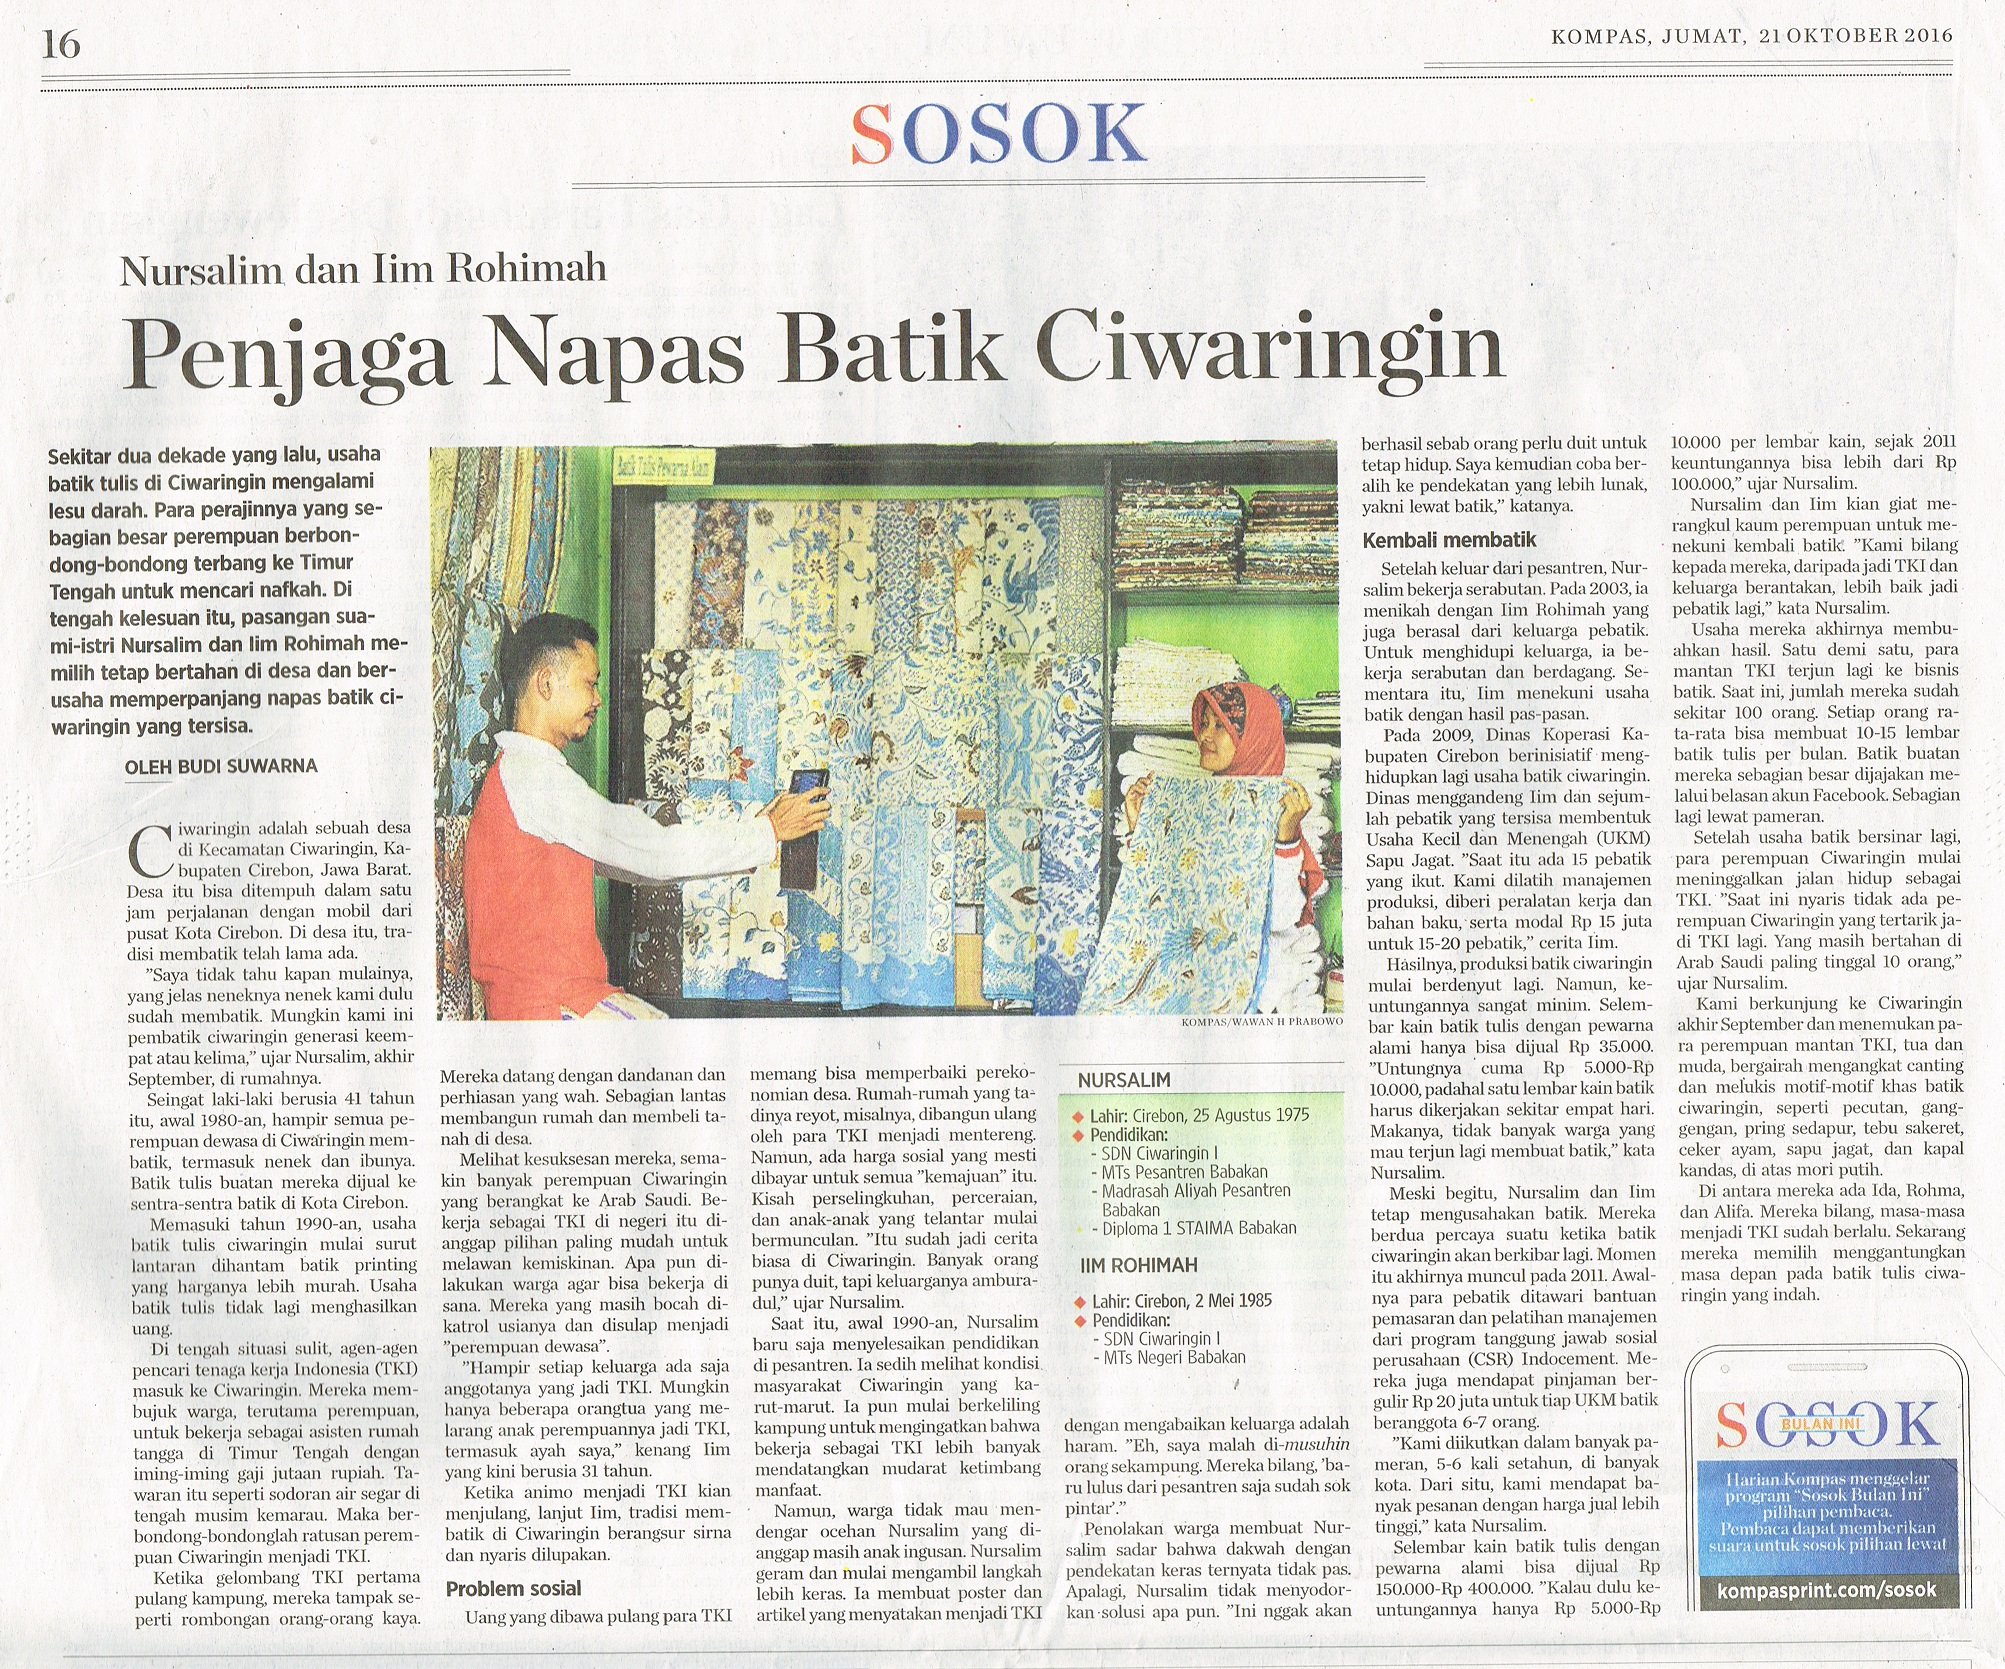 Penjaga Napas Batik Ciwaringin. Kompas.21 Oktober 2016.Hal.16